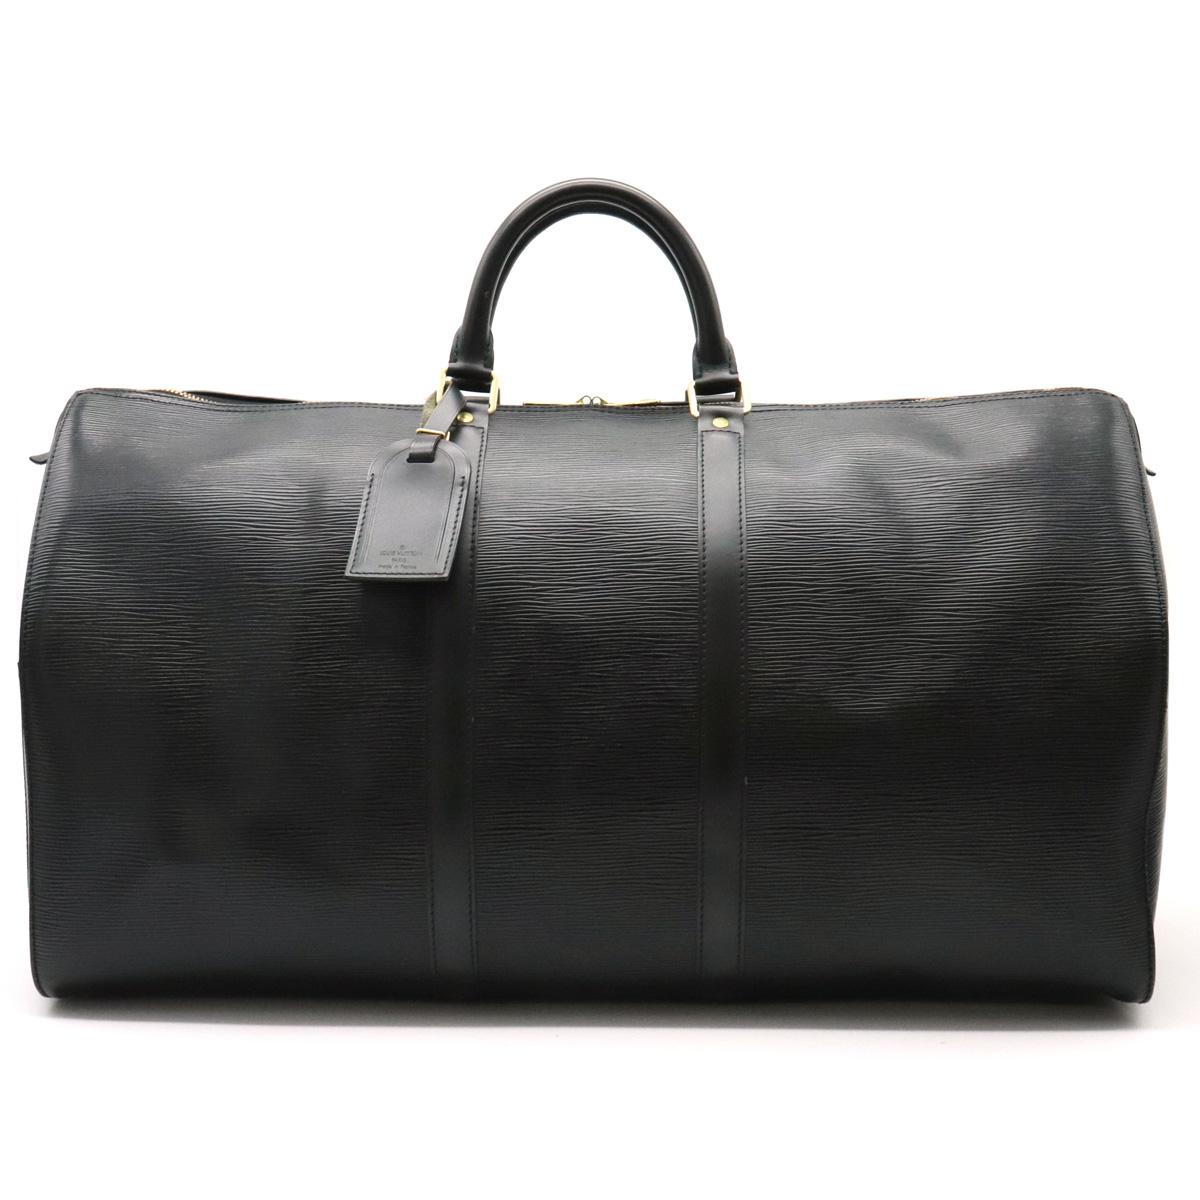 【バッグ】LOUIS VUITTON ルイ ヴィトン エピ キーポル55 ボストンバッグ トラベルバッグ トラベルボストン 旅行カバン ノワール 黒 ブラック M59142 【中古】